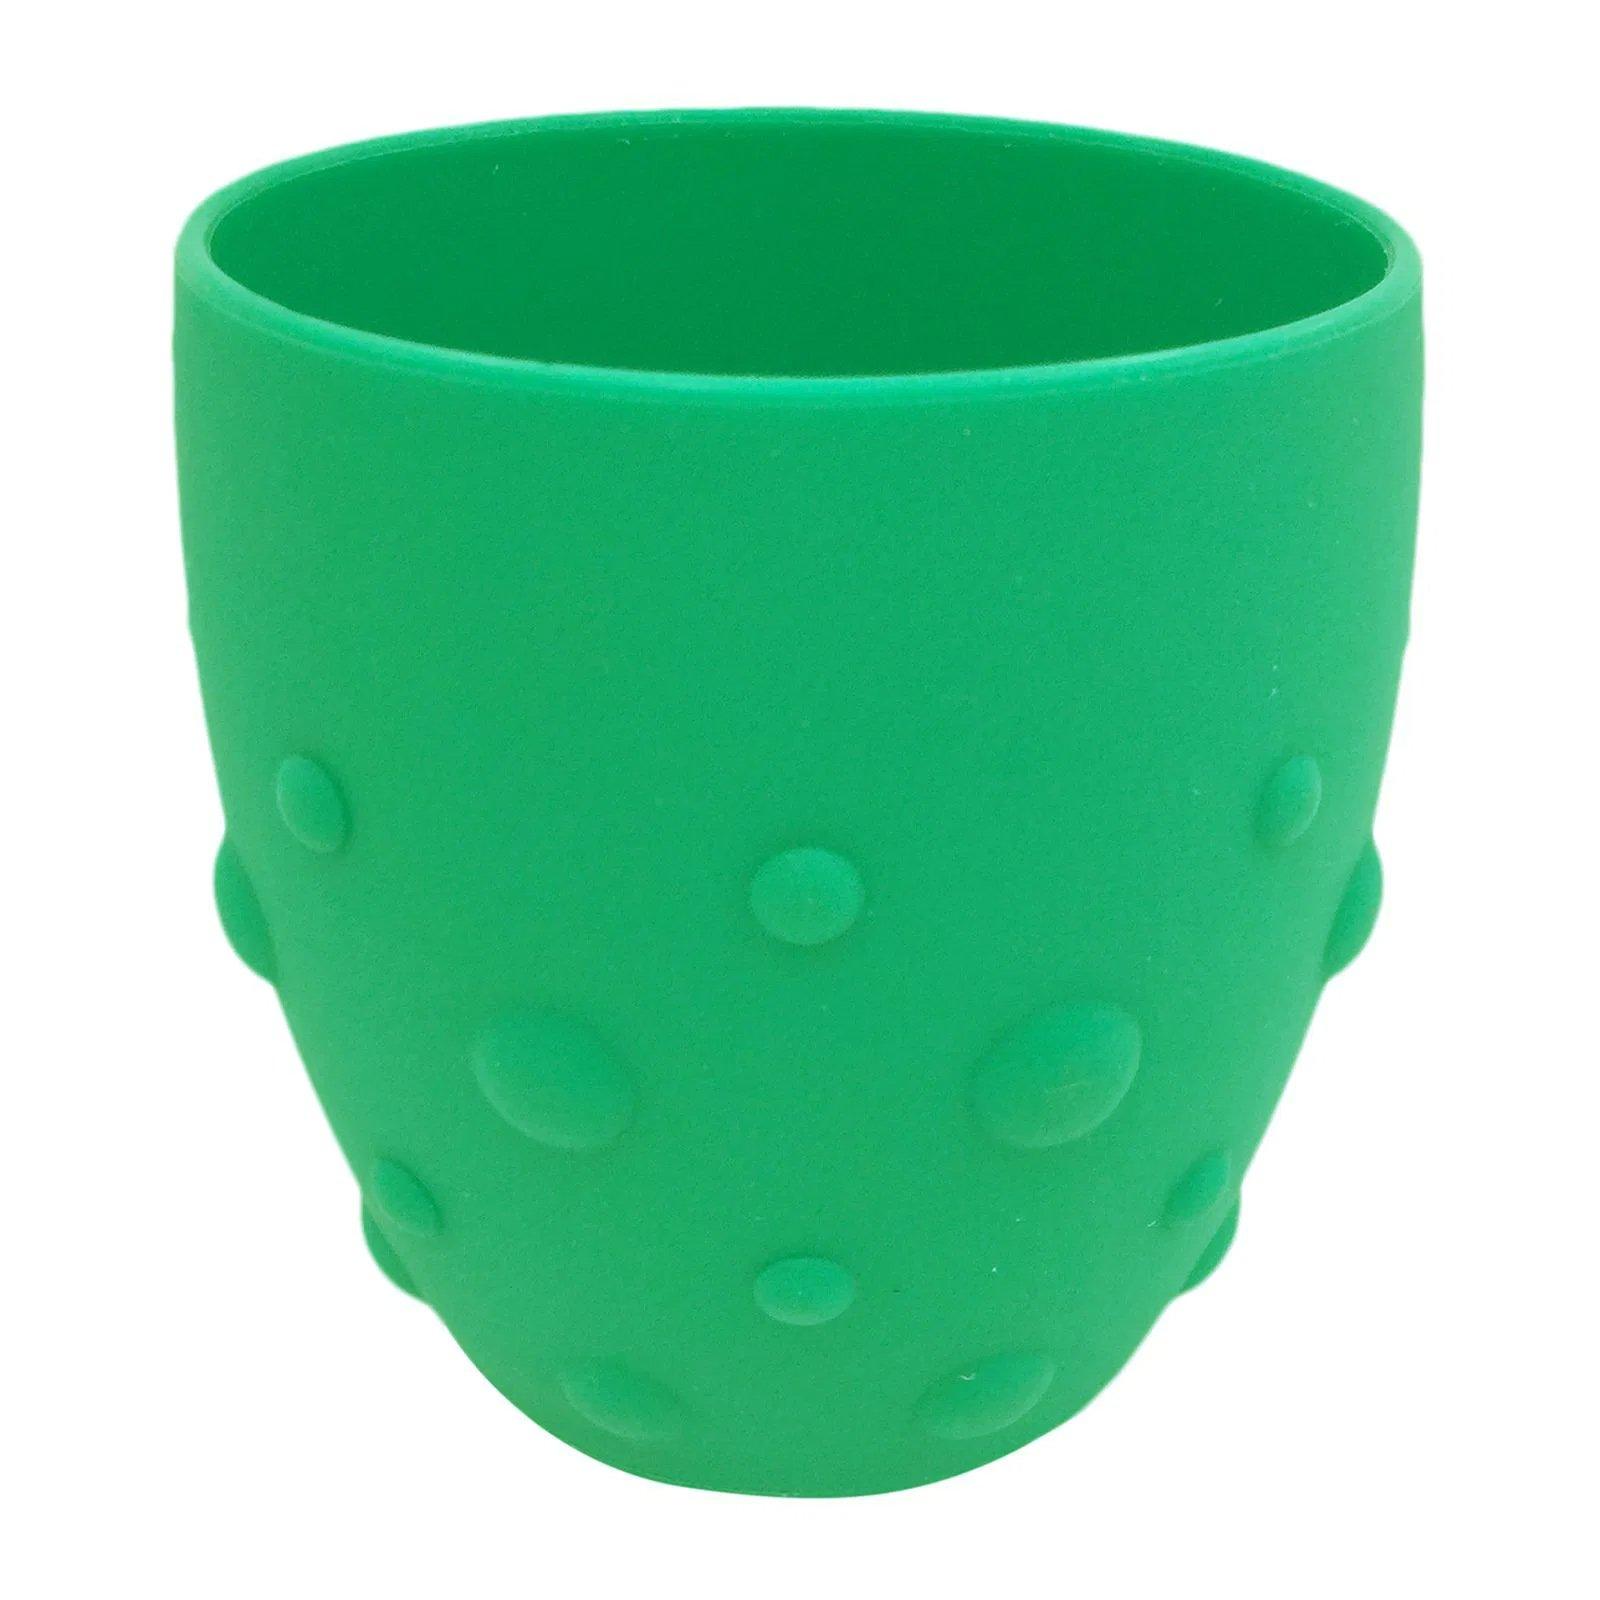 Marcus & Marcus Training Cup Εκπαιδευτικό Ποτήρι Σιλικόνης 24m+ 1 Τεμάχιο – πράσινο